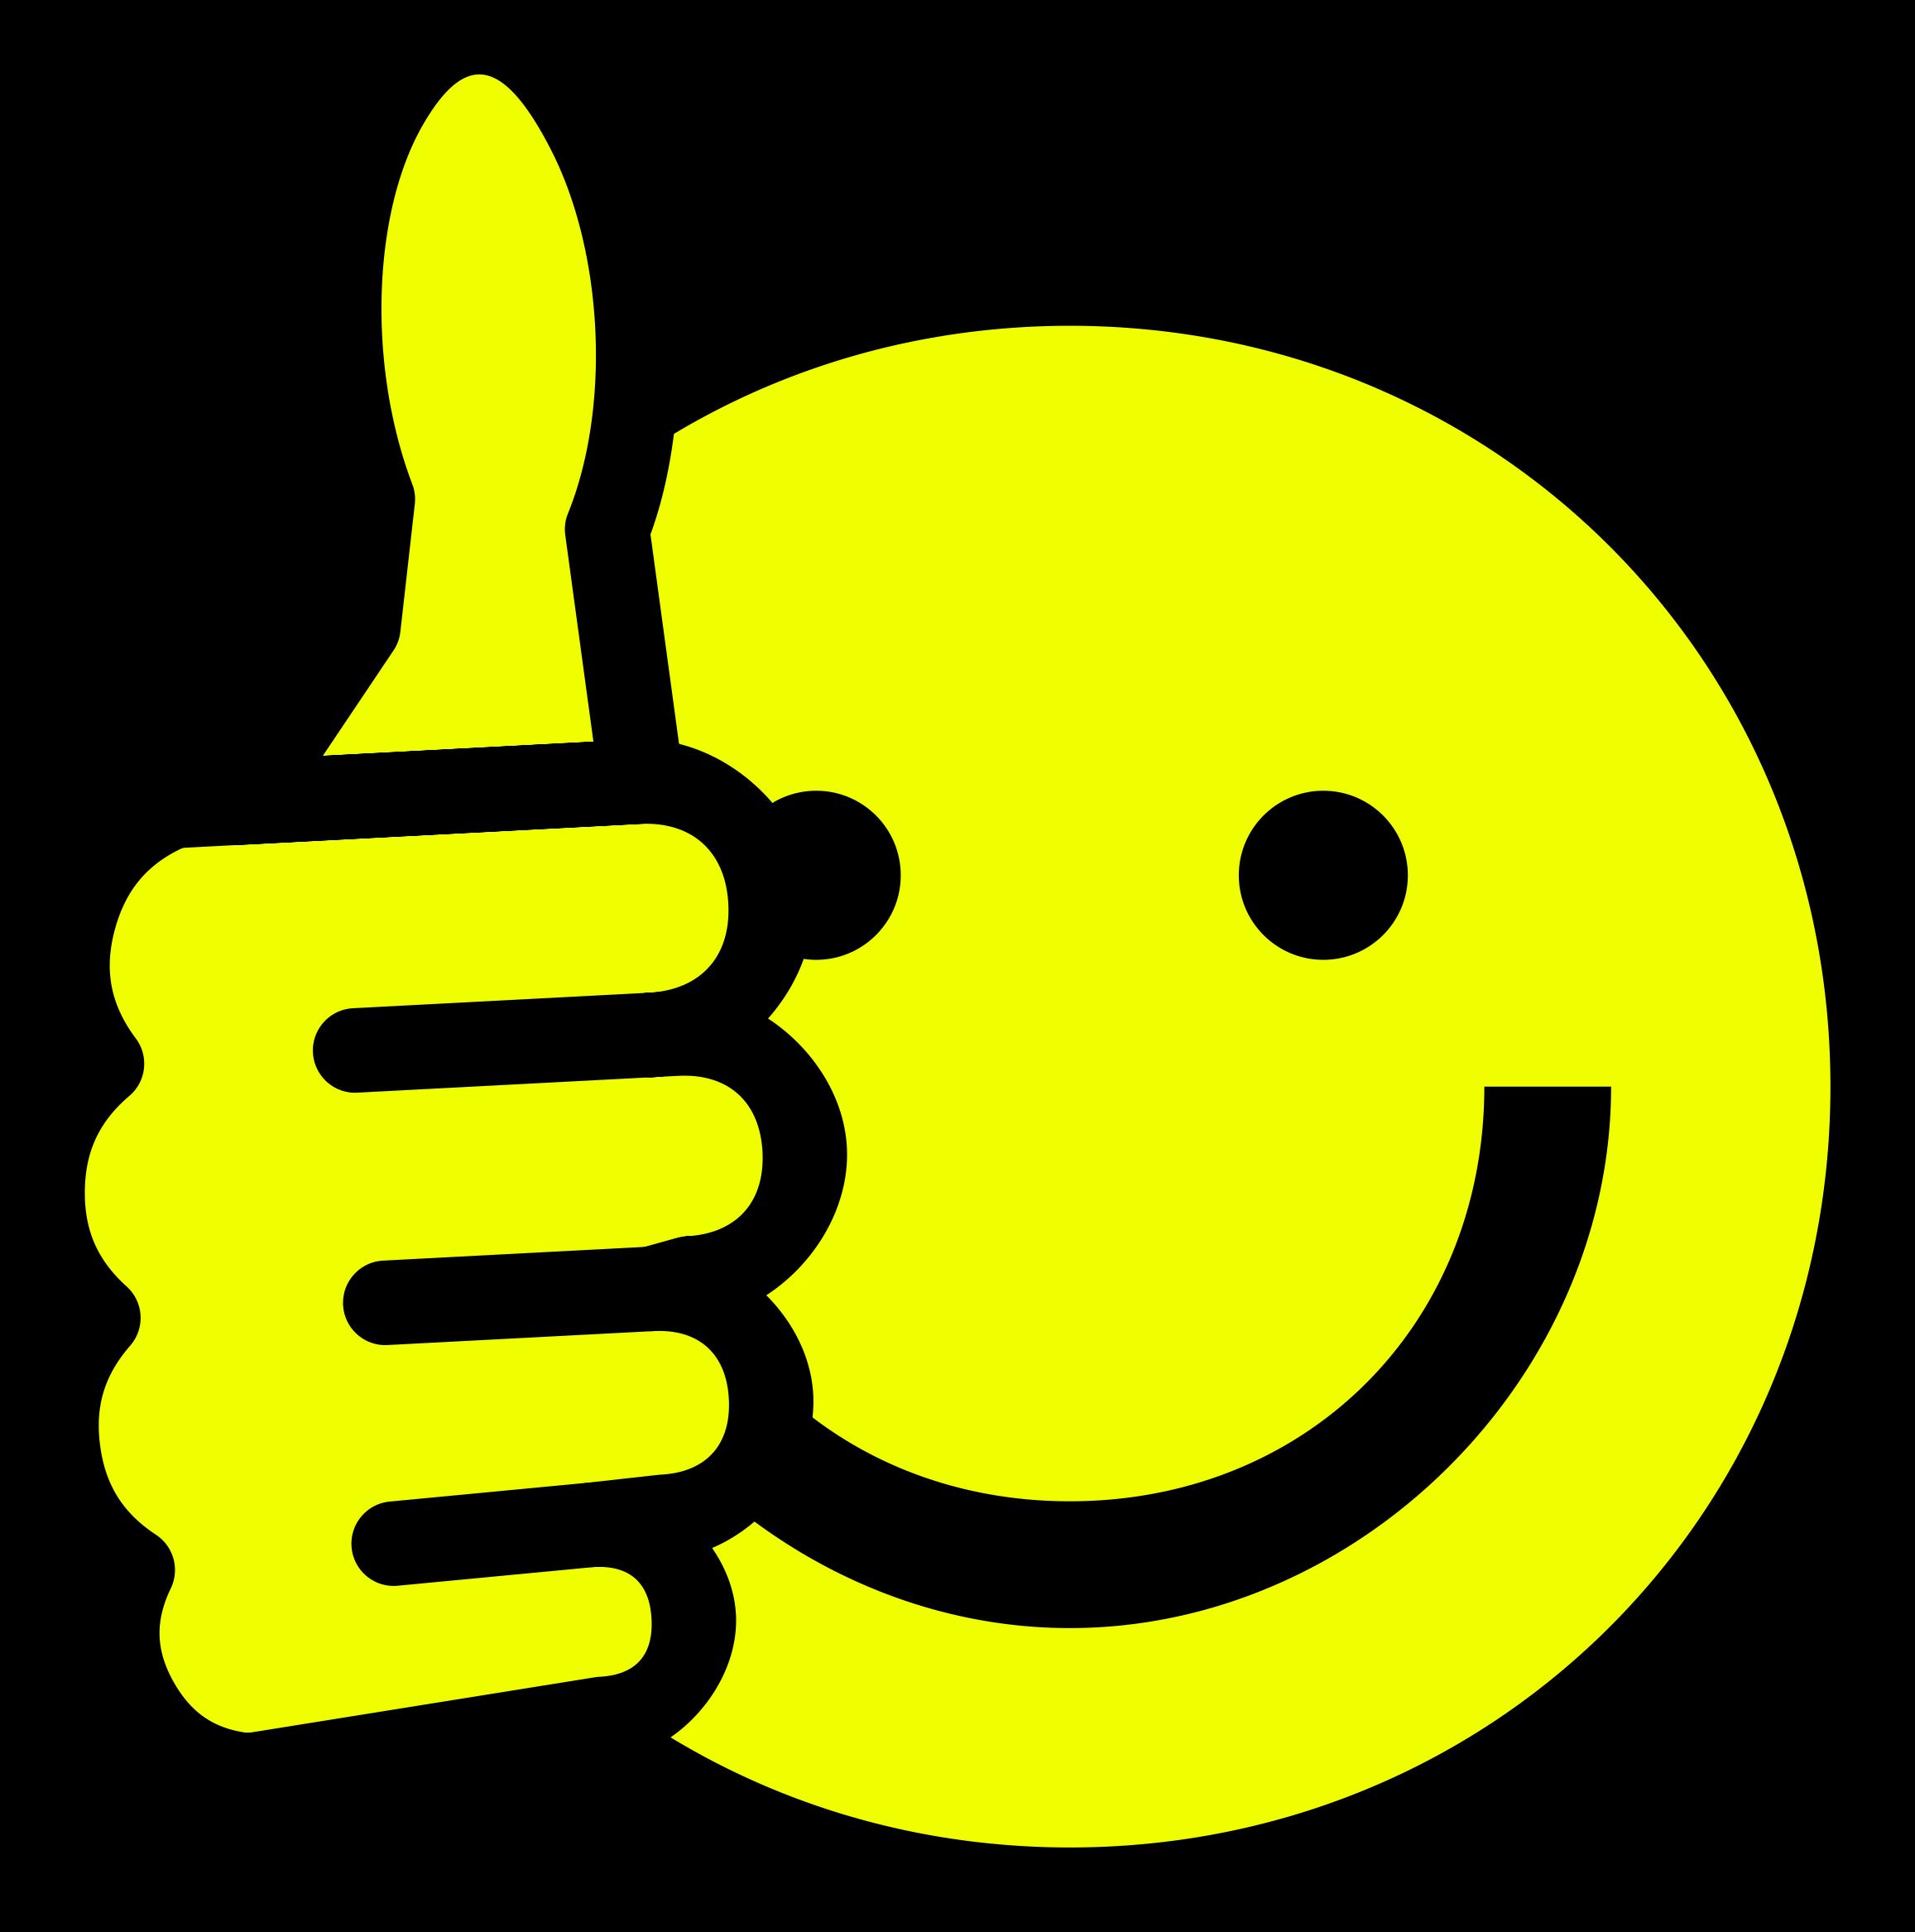 Positive clipart positive talk, Positive positive talk.